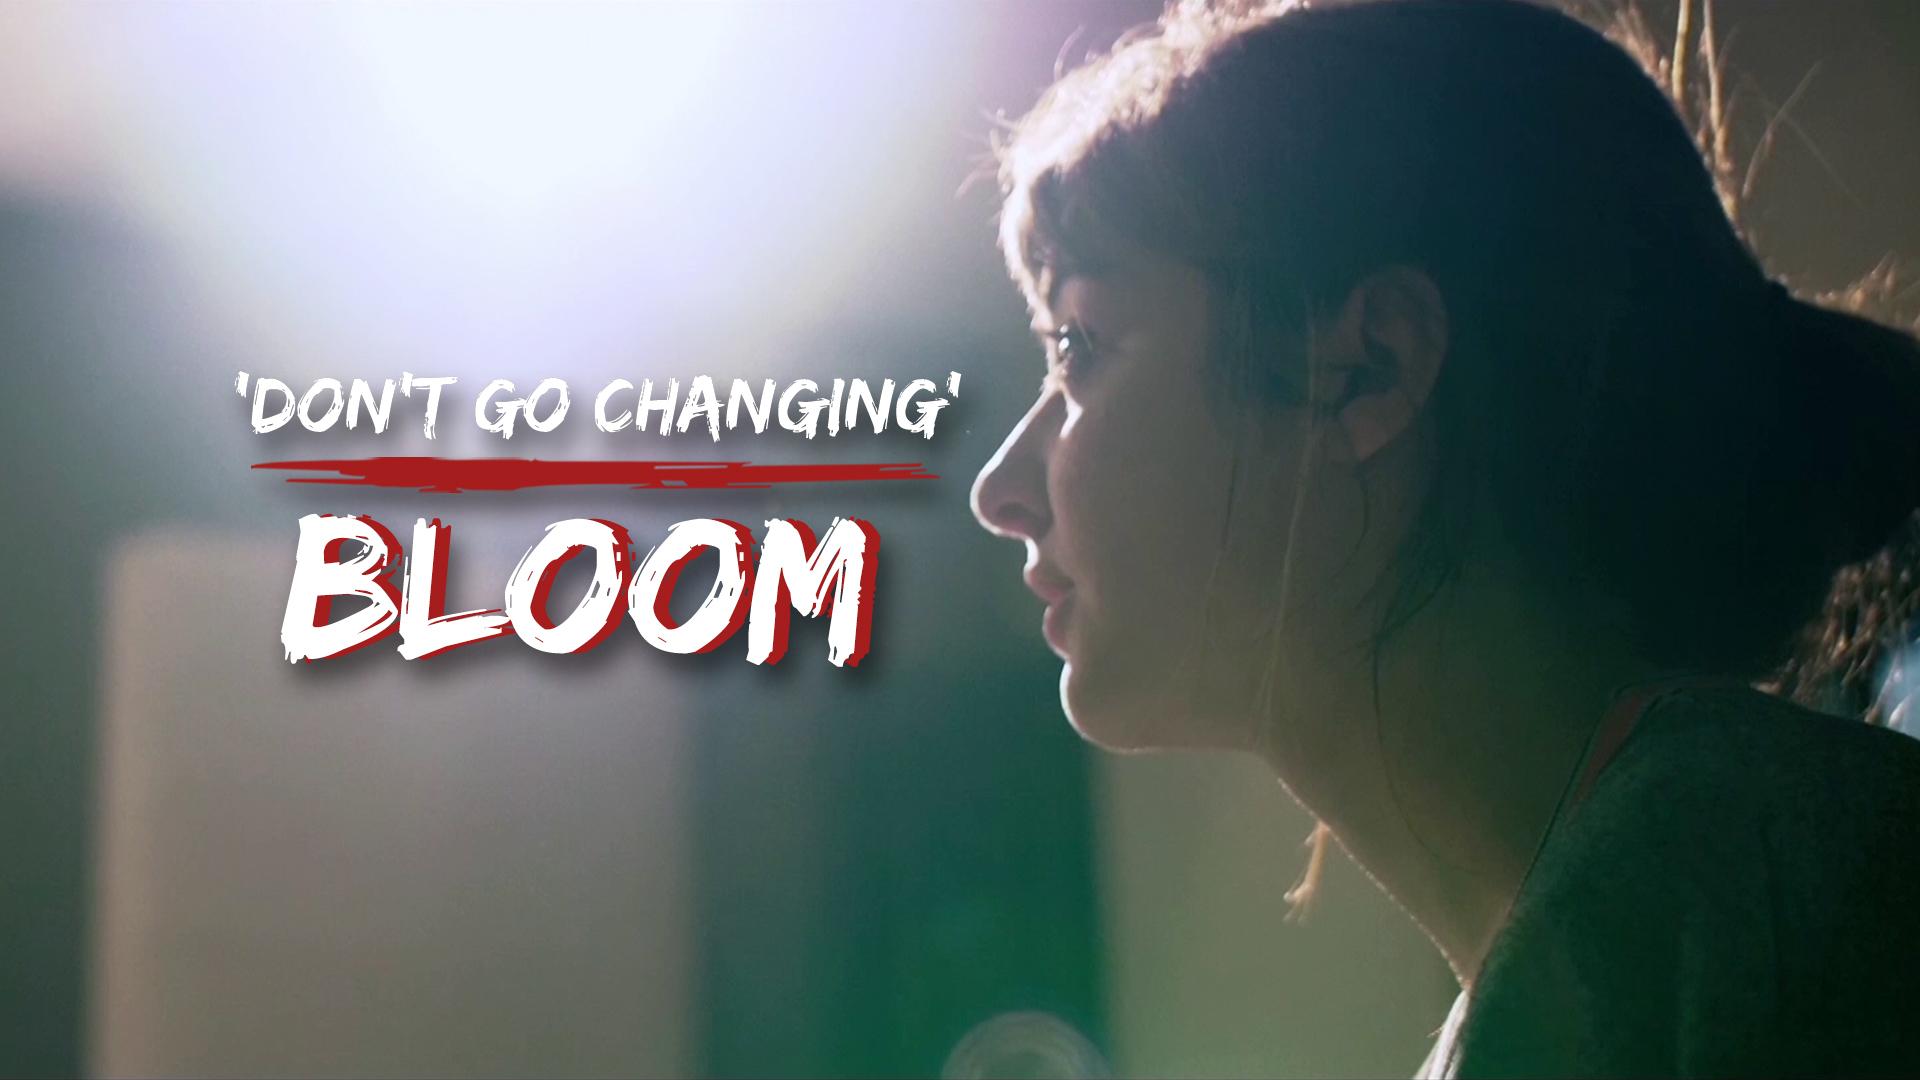 Temporada 1 Bloom - Don't Go Changing | Más de 100 mentiras